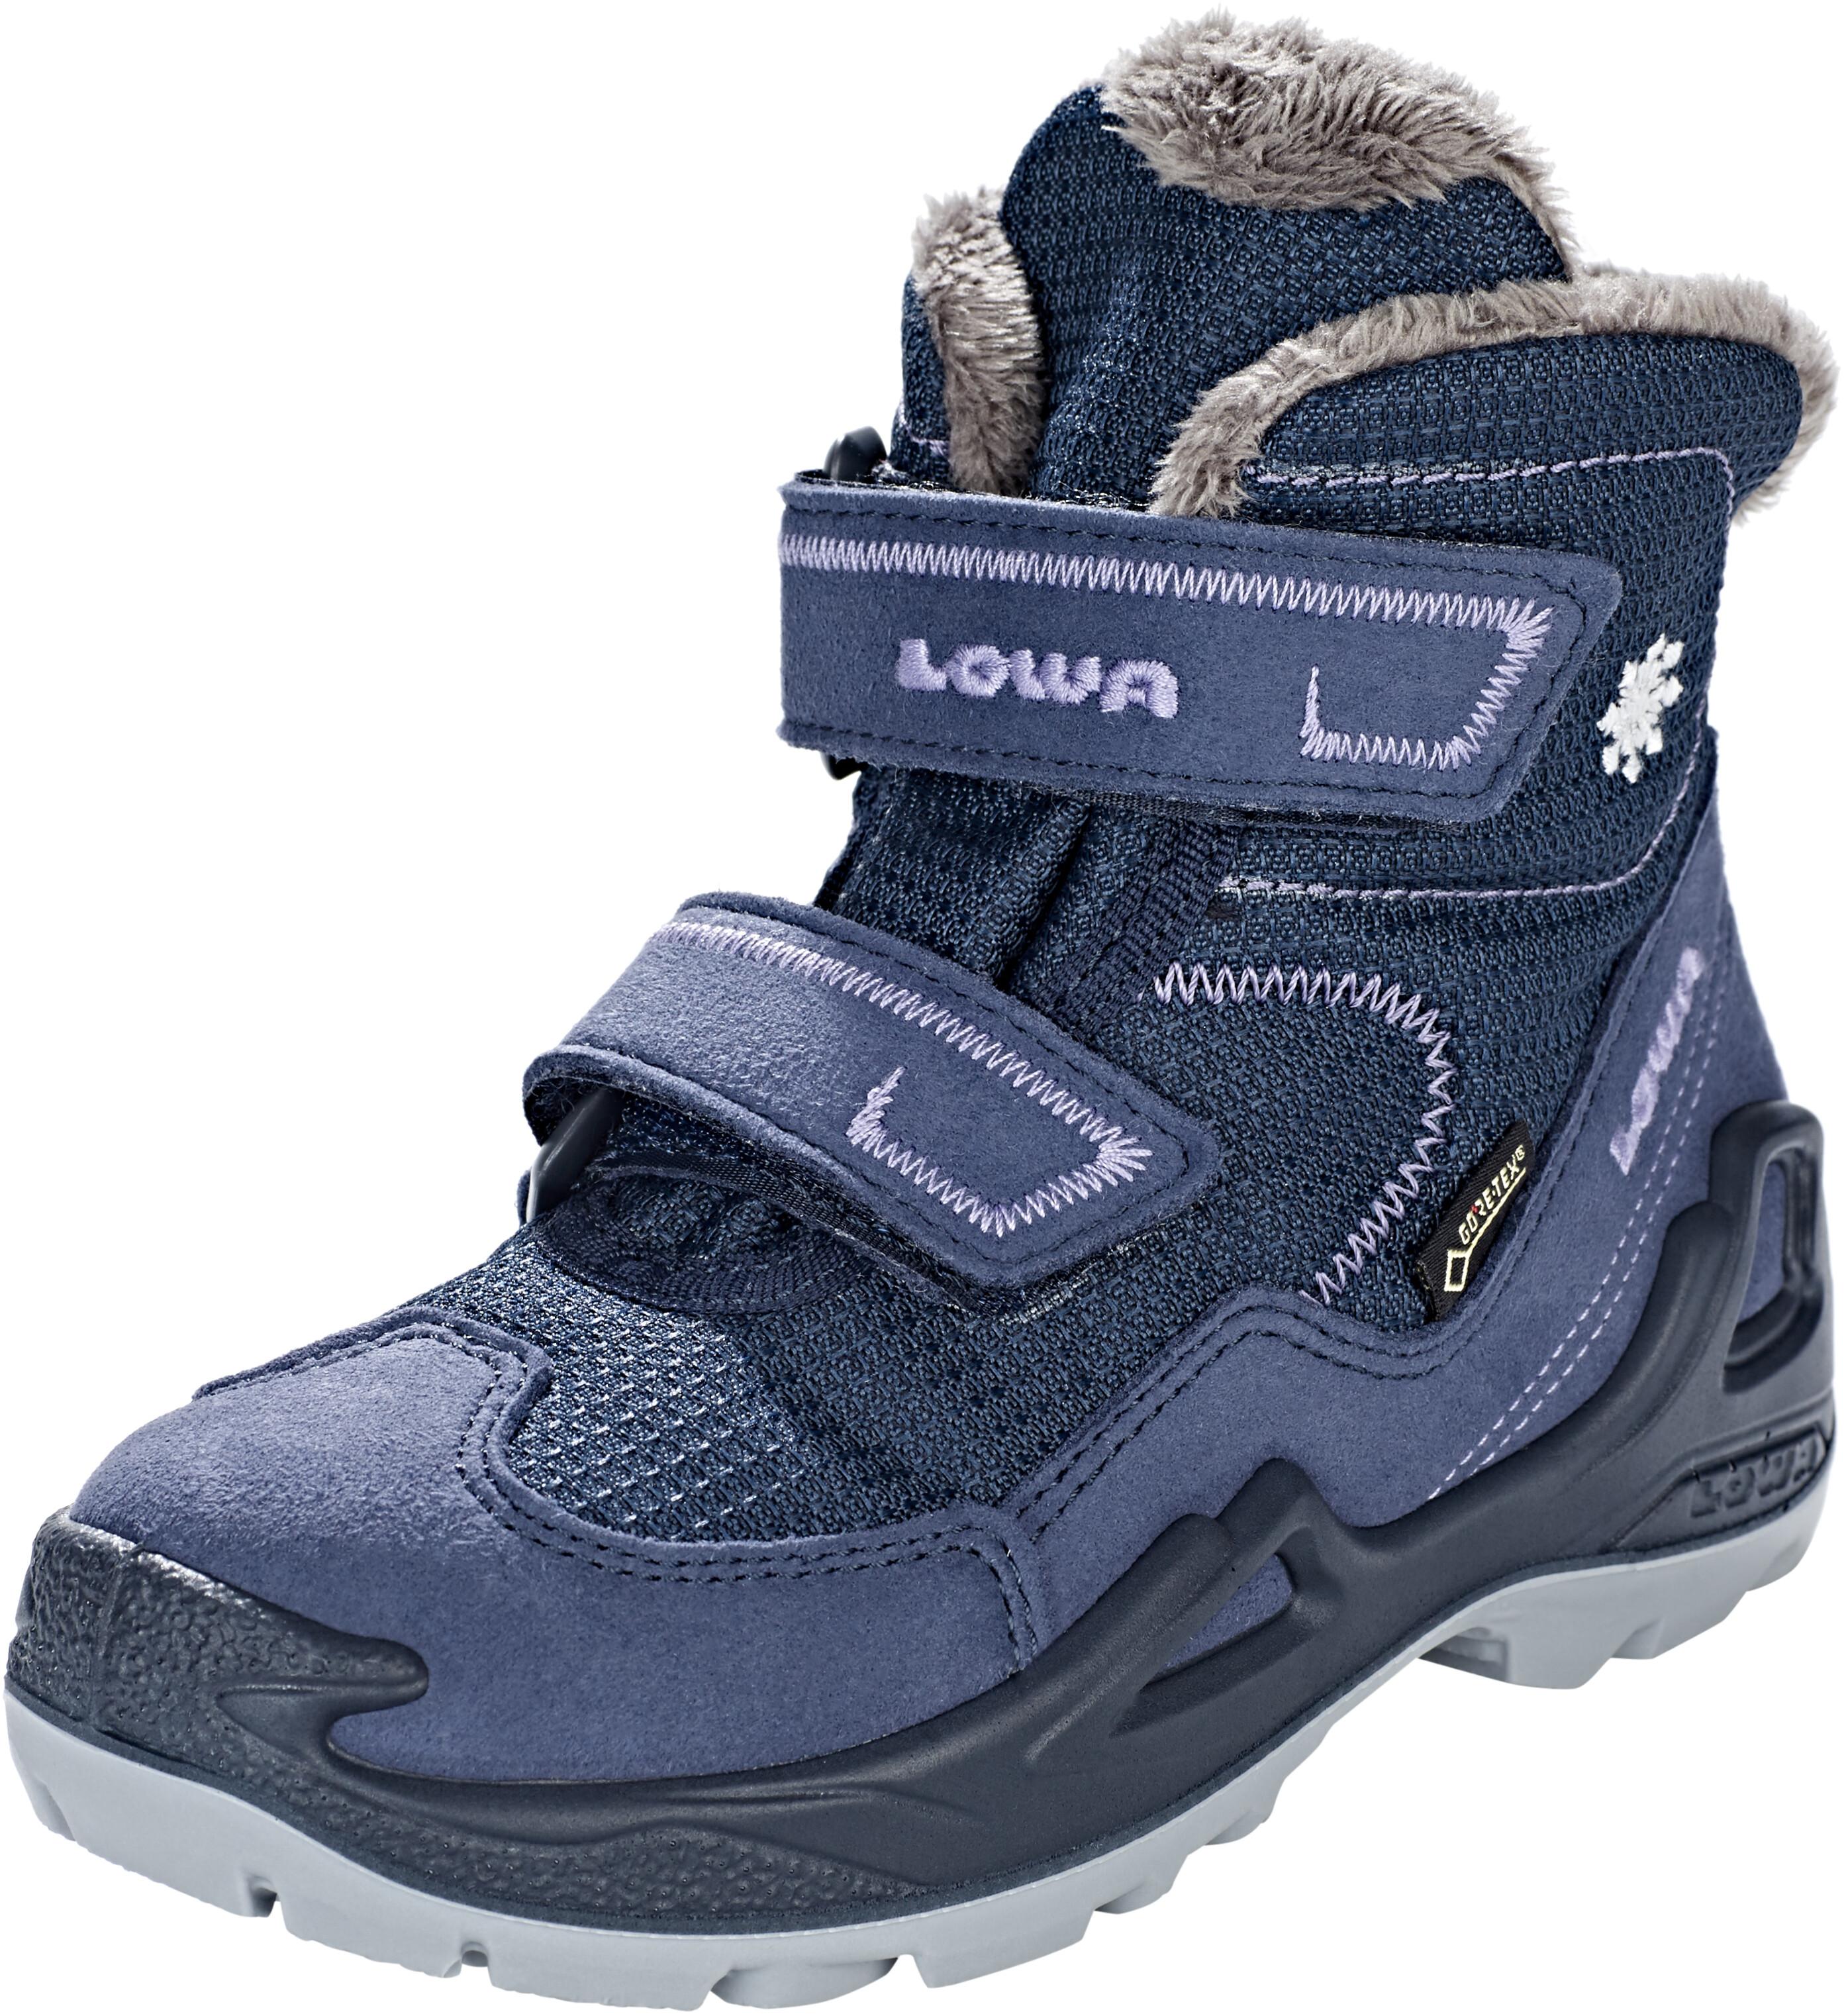 21ea4868 Lowa Milo GTX Støvler Børn blå   Find outdoortøj, sko & udstyr på ...